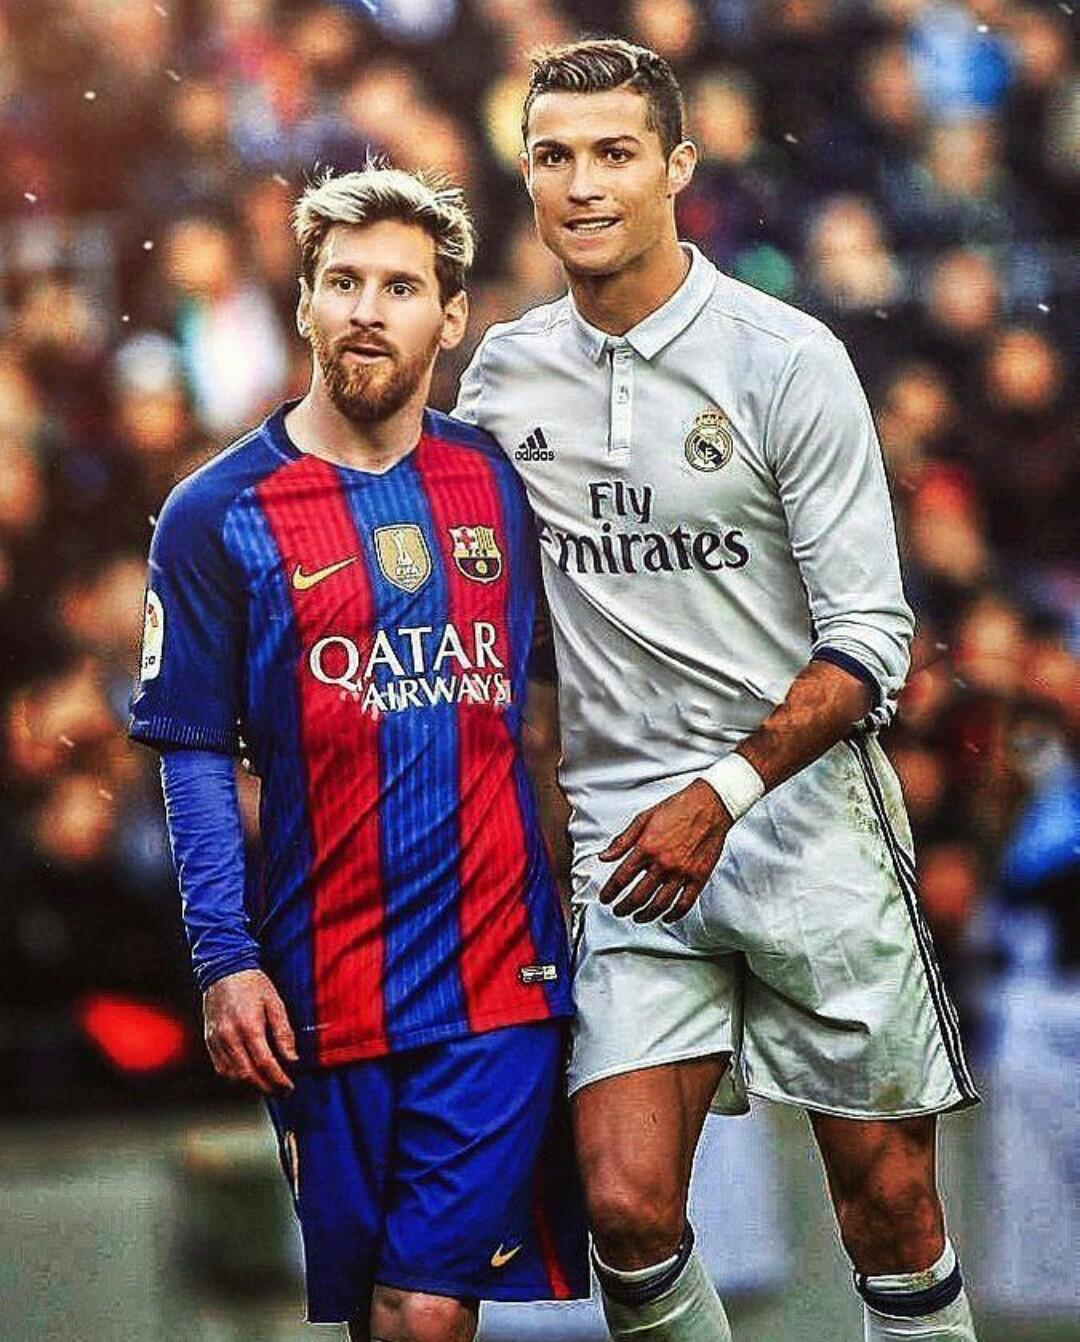 Ronaldo đi rồi, Messi ở với ai? - Ảnh 1.